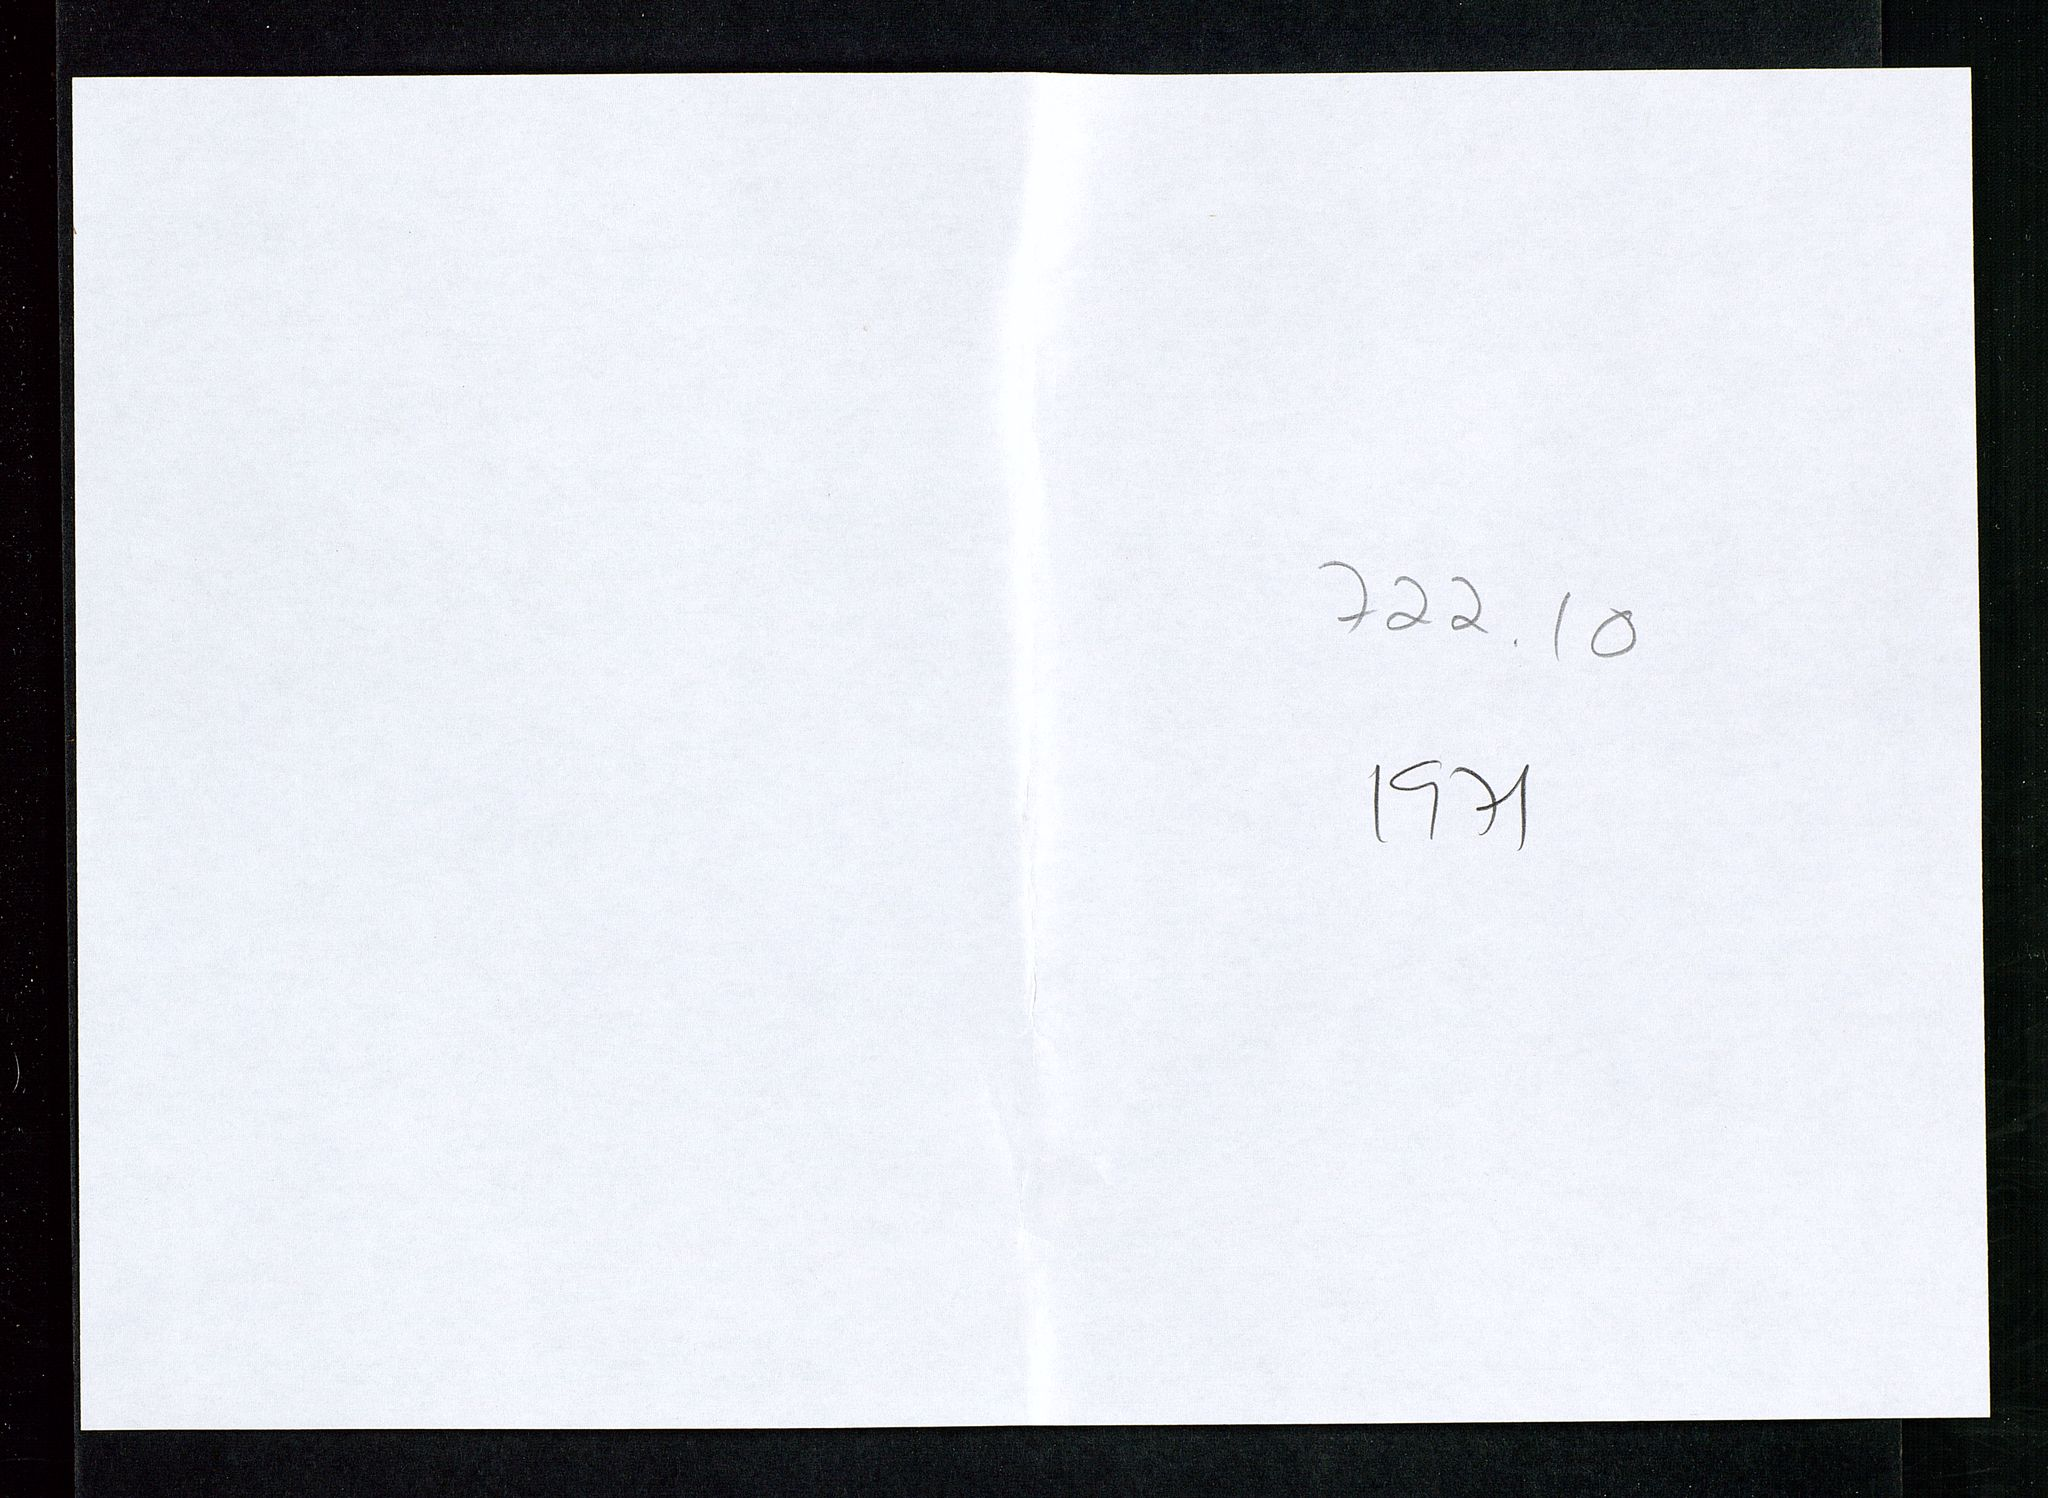 SAST, Industridepartementet, Oljekontoret, Da/L0008:  Arkivnøkkel 721- 722 Geofysikk, forskning, 1970-1972, s. 339